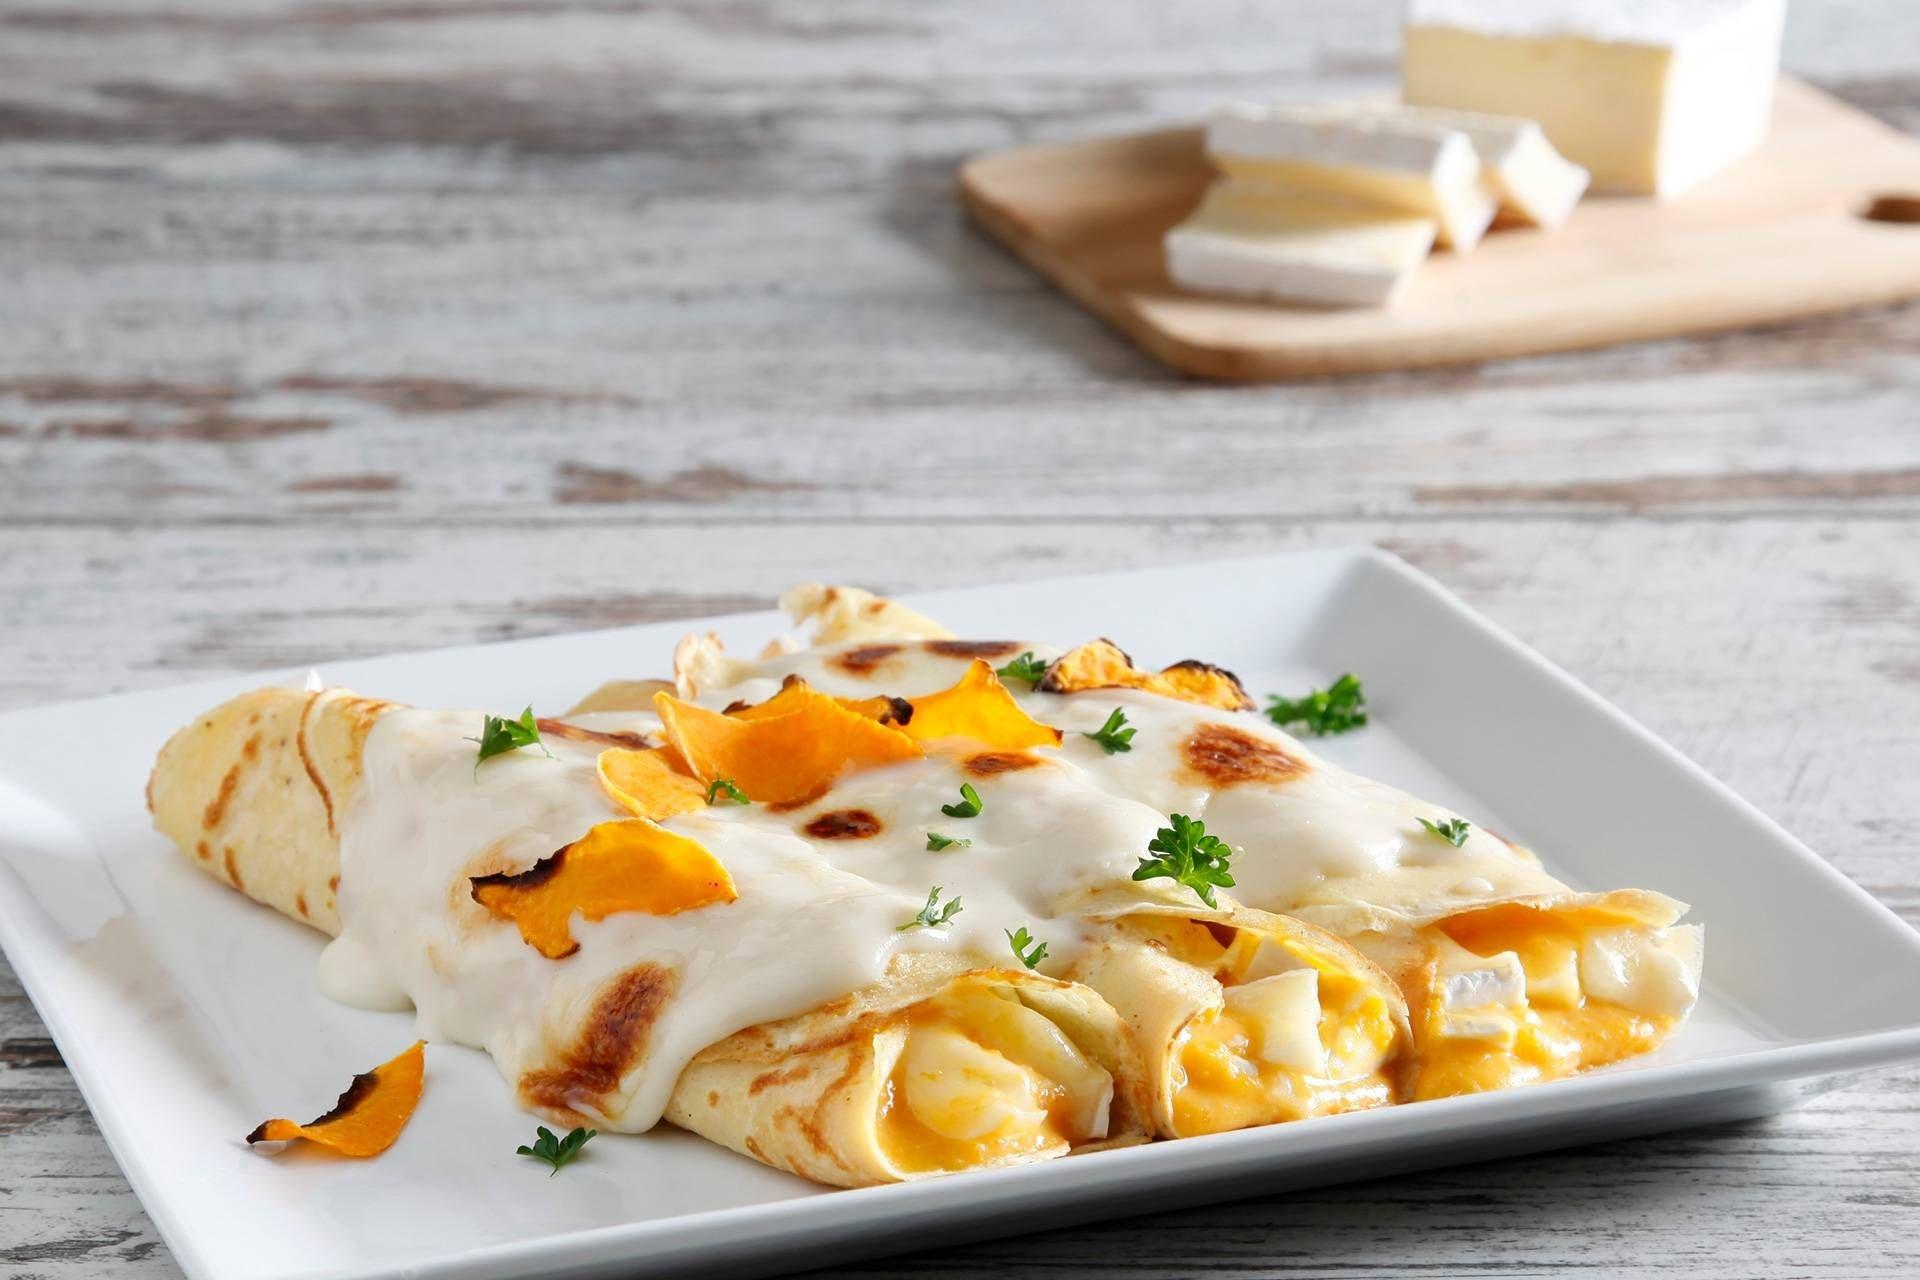 Cannelloni di Crepes con Zucca e Brie - Parmalat